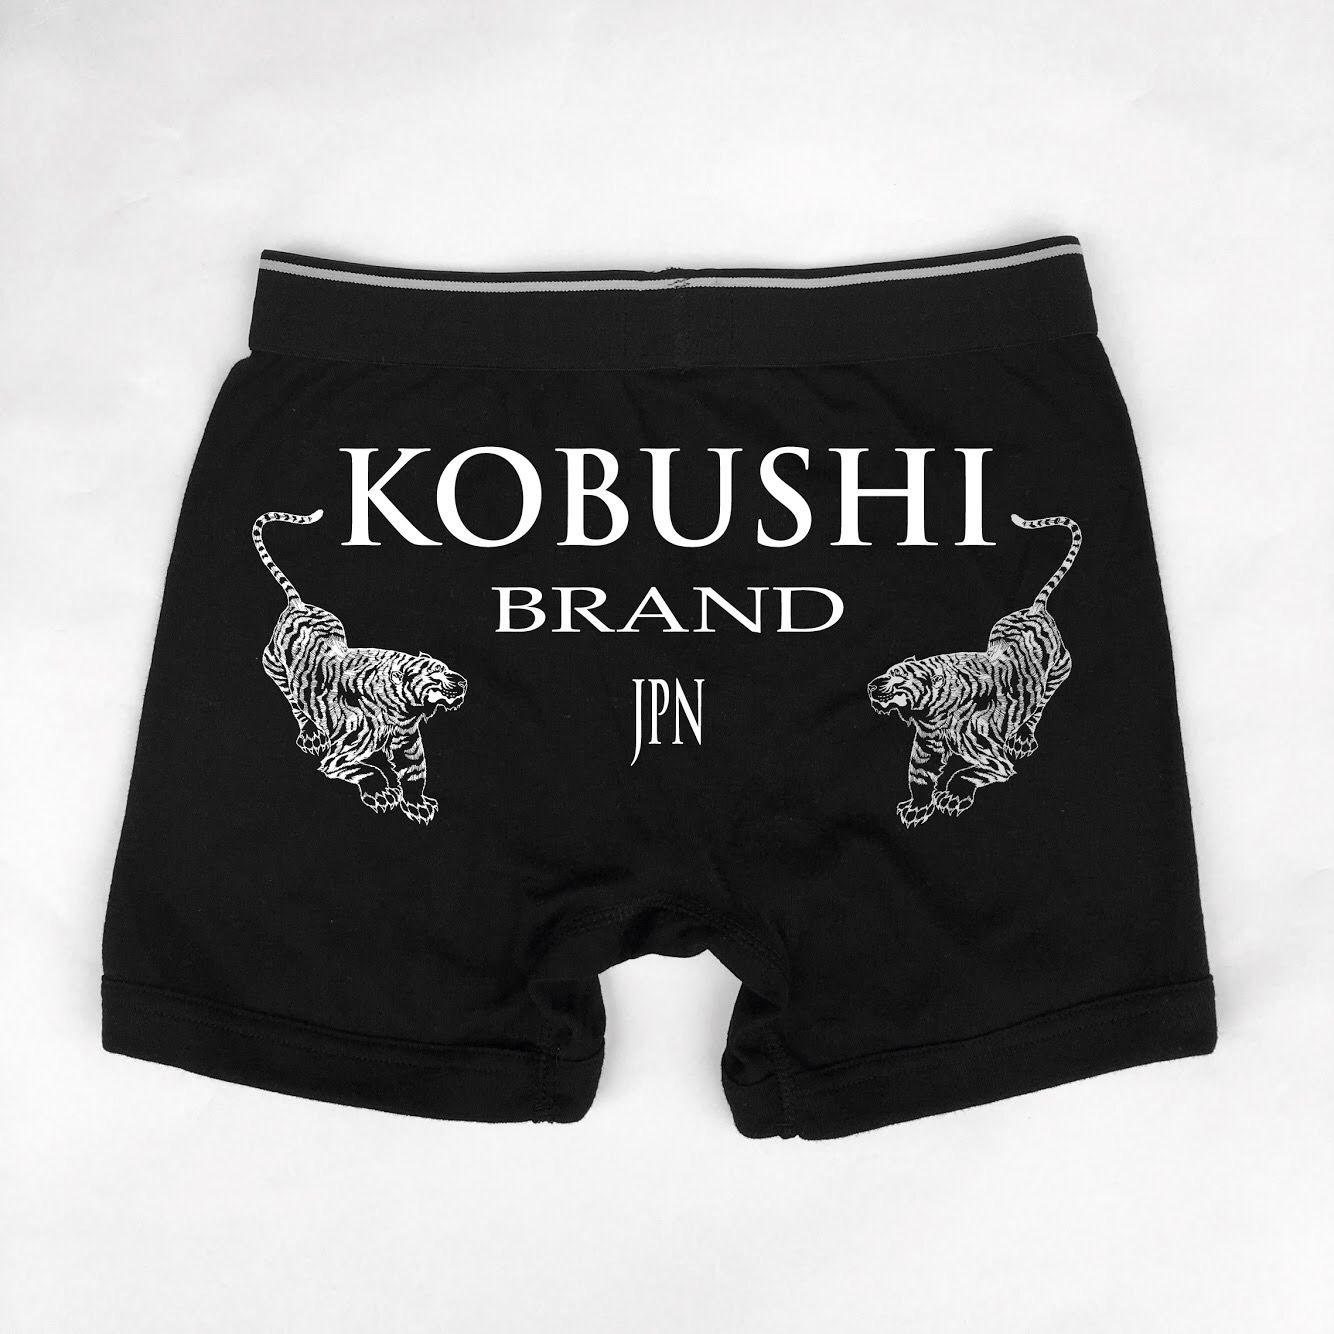 MEN`S BOXER SHORTS (BLACK)/男性用 下着 忍び袋仕様 ボクサーパンツ シークレットポケット仕様 ブラック/KOBUSHI BRAND